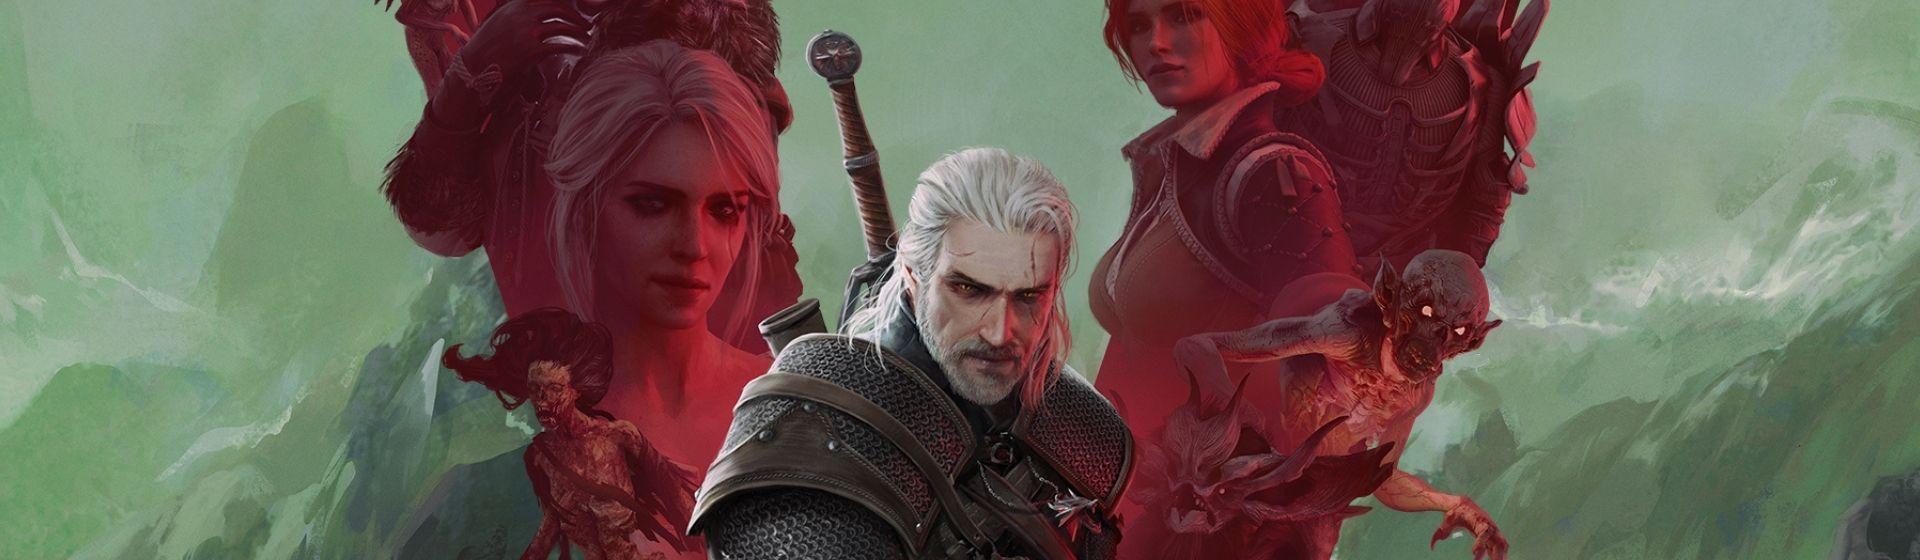 The Witcher 3: Wild Hunt, tudo sobre a série de jogos da CD Projekt